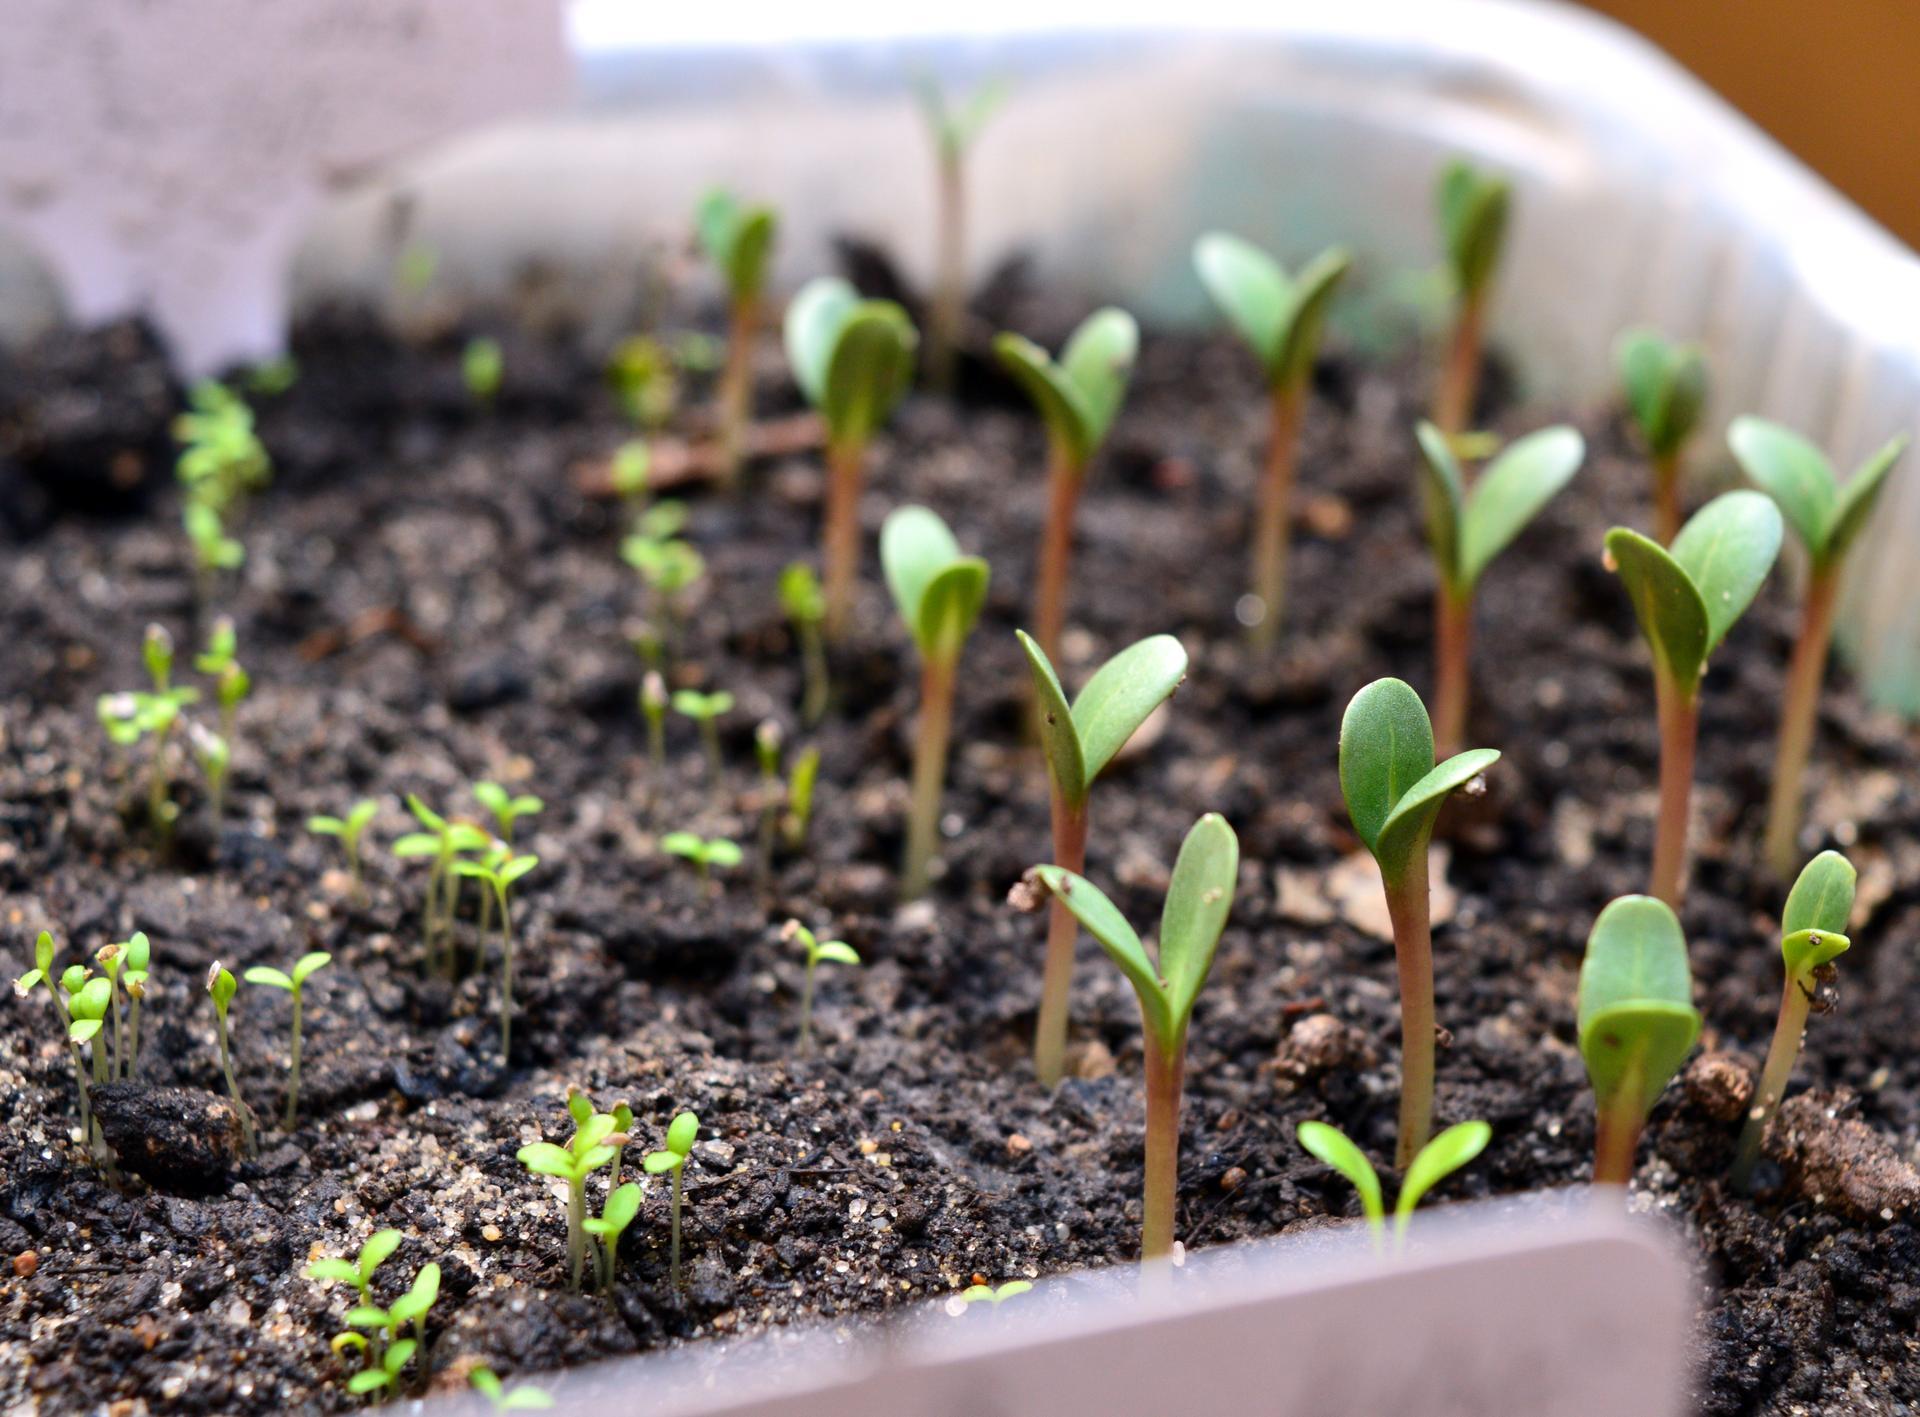 Naša prírodná perma záhradka v roku 2021 - 3/2021 - už prvé sadeničky  vykúkajú